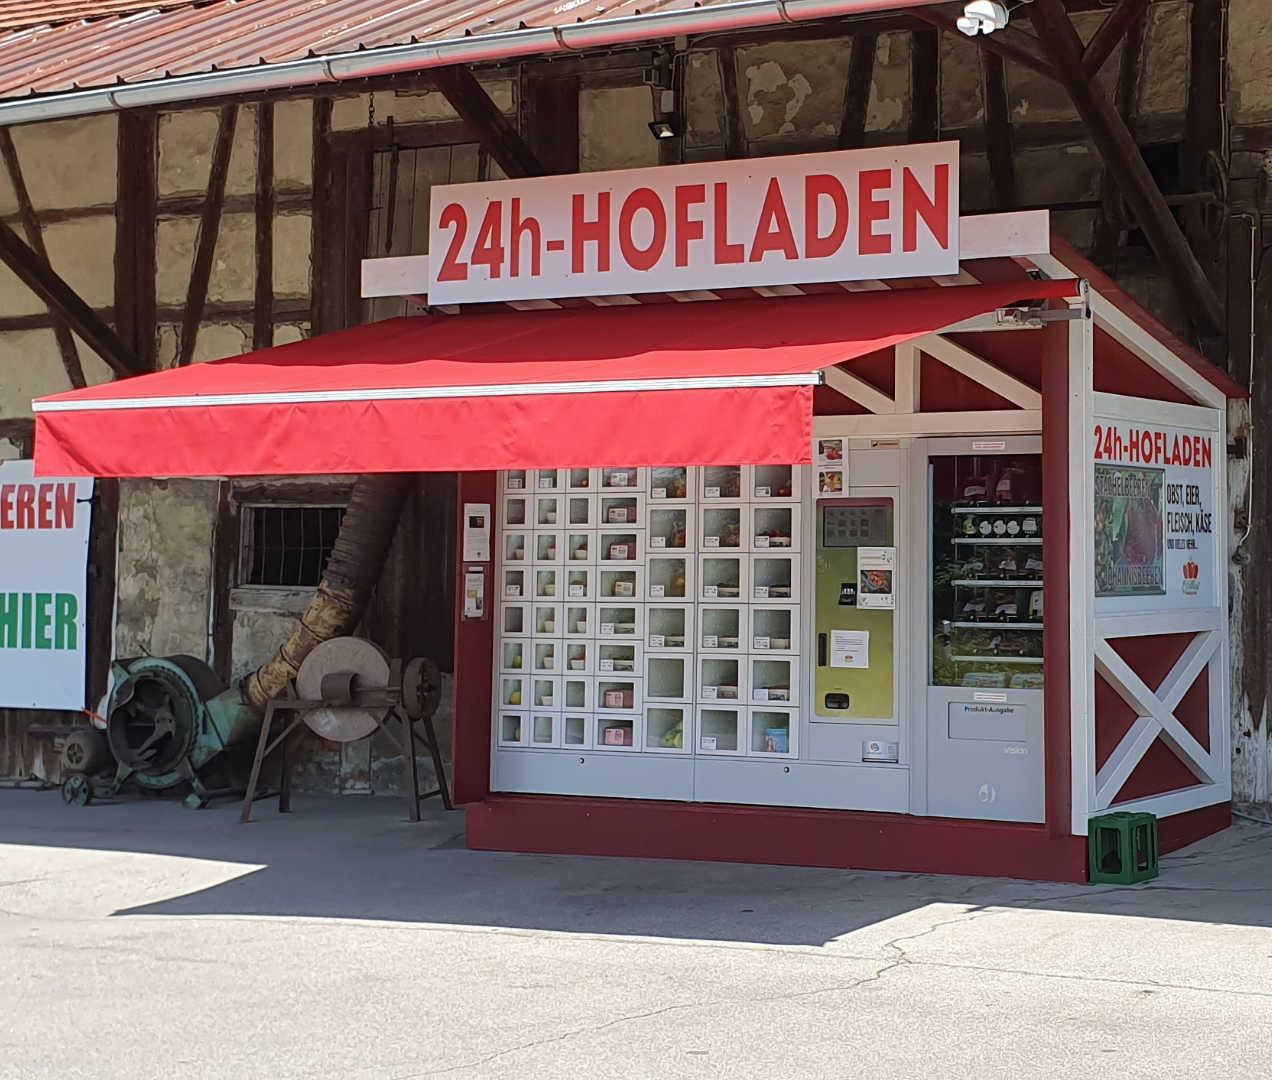 24h Hofladen Lebensmittelautomat Friedrichshafen | Obstautomat & Fleisch 1